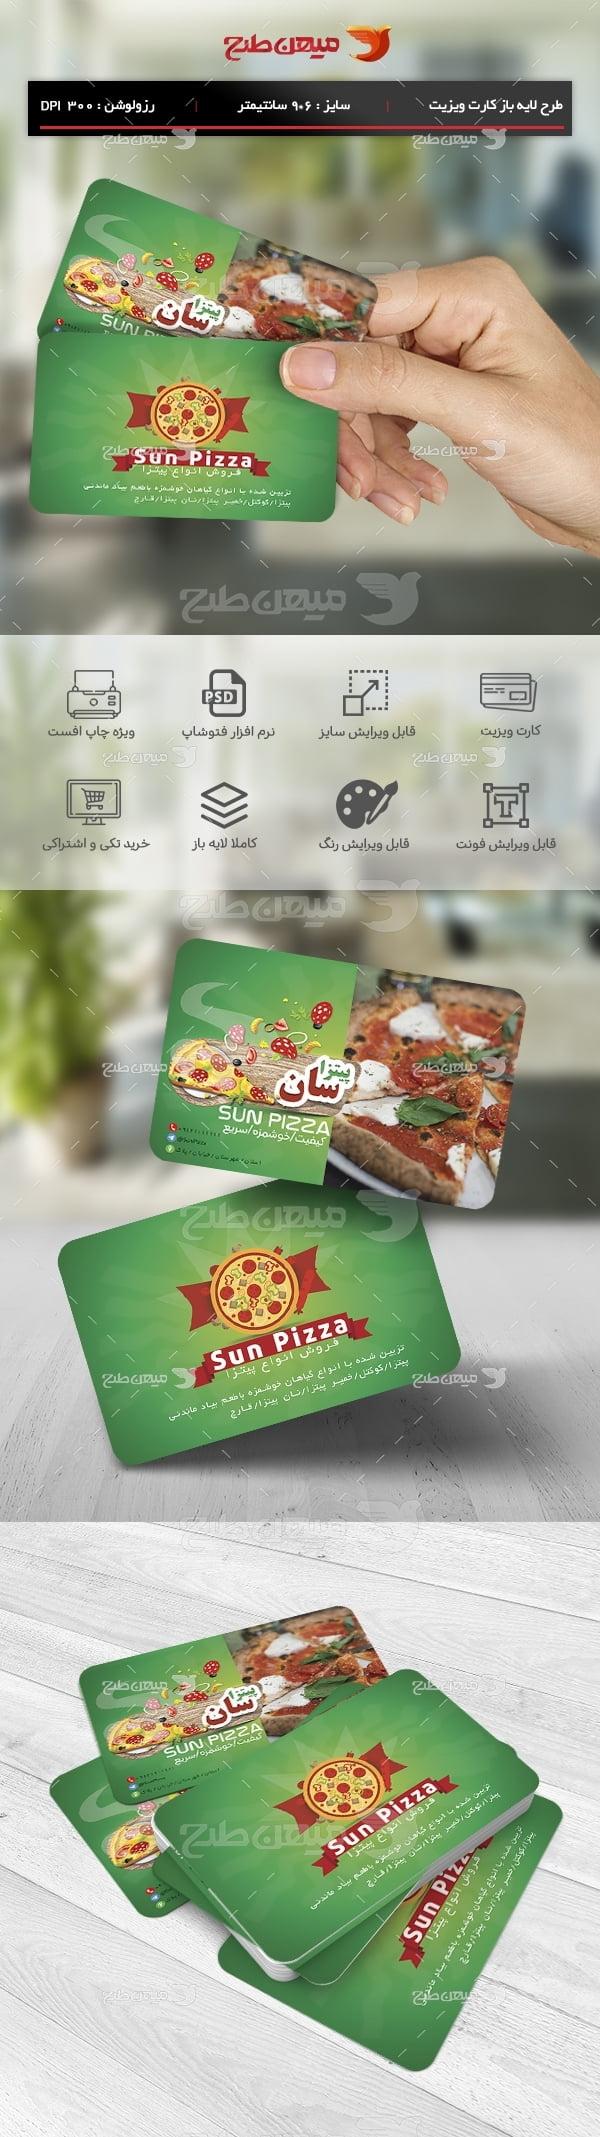 طرح لايه باز کارت ویزیت فست فود و پیتزا فروشی سان